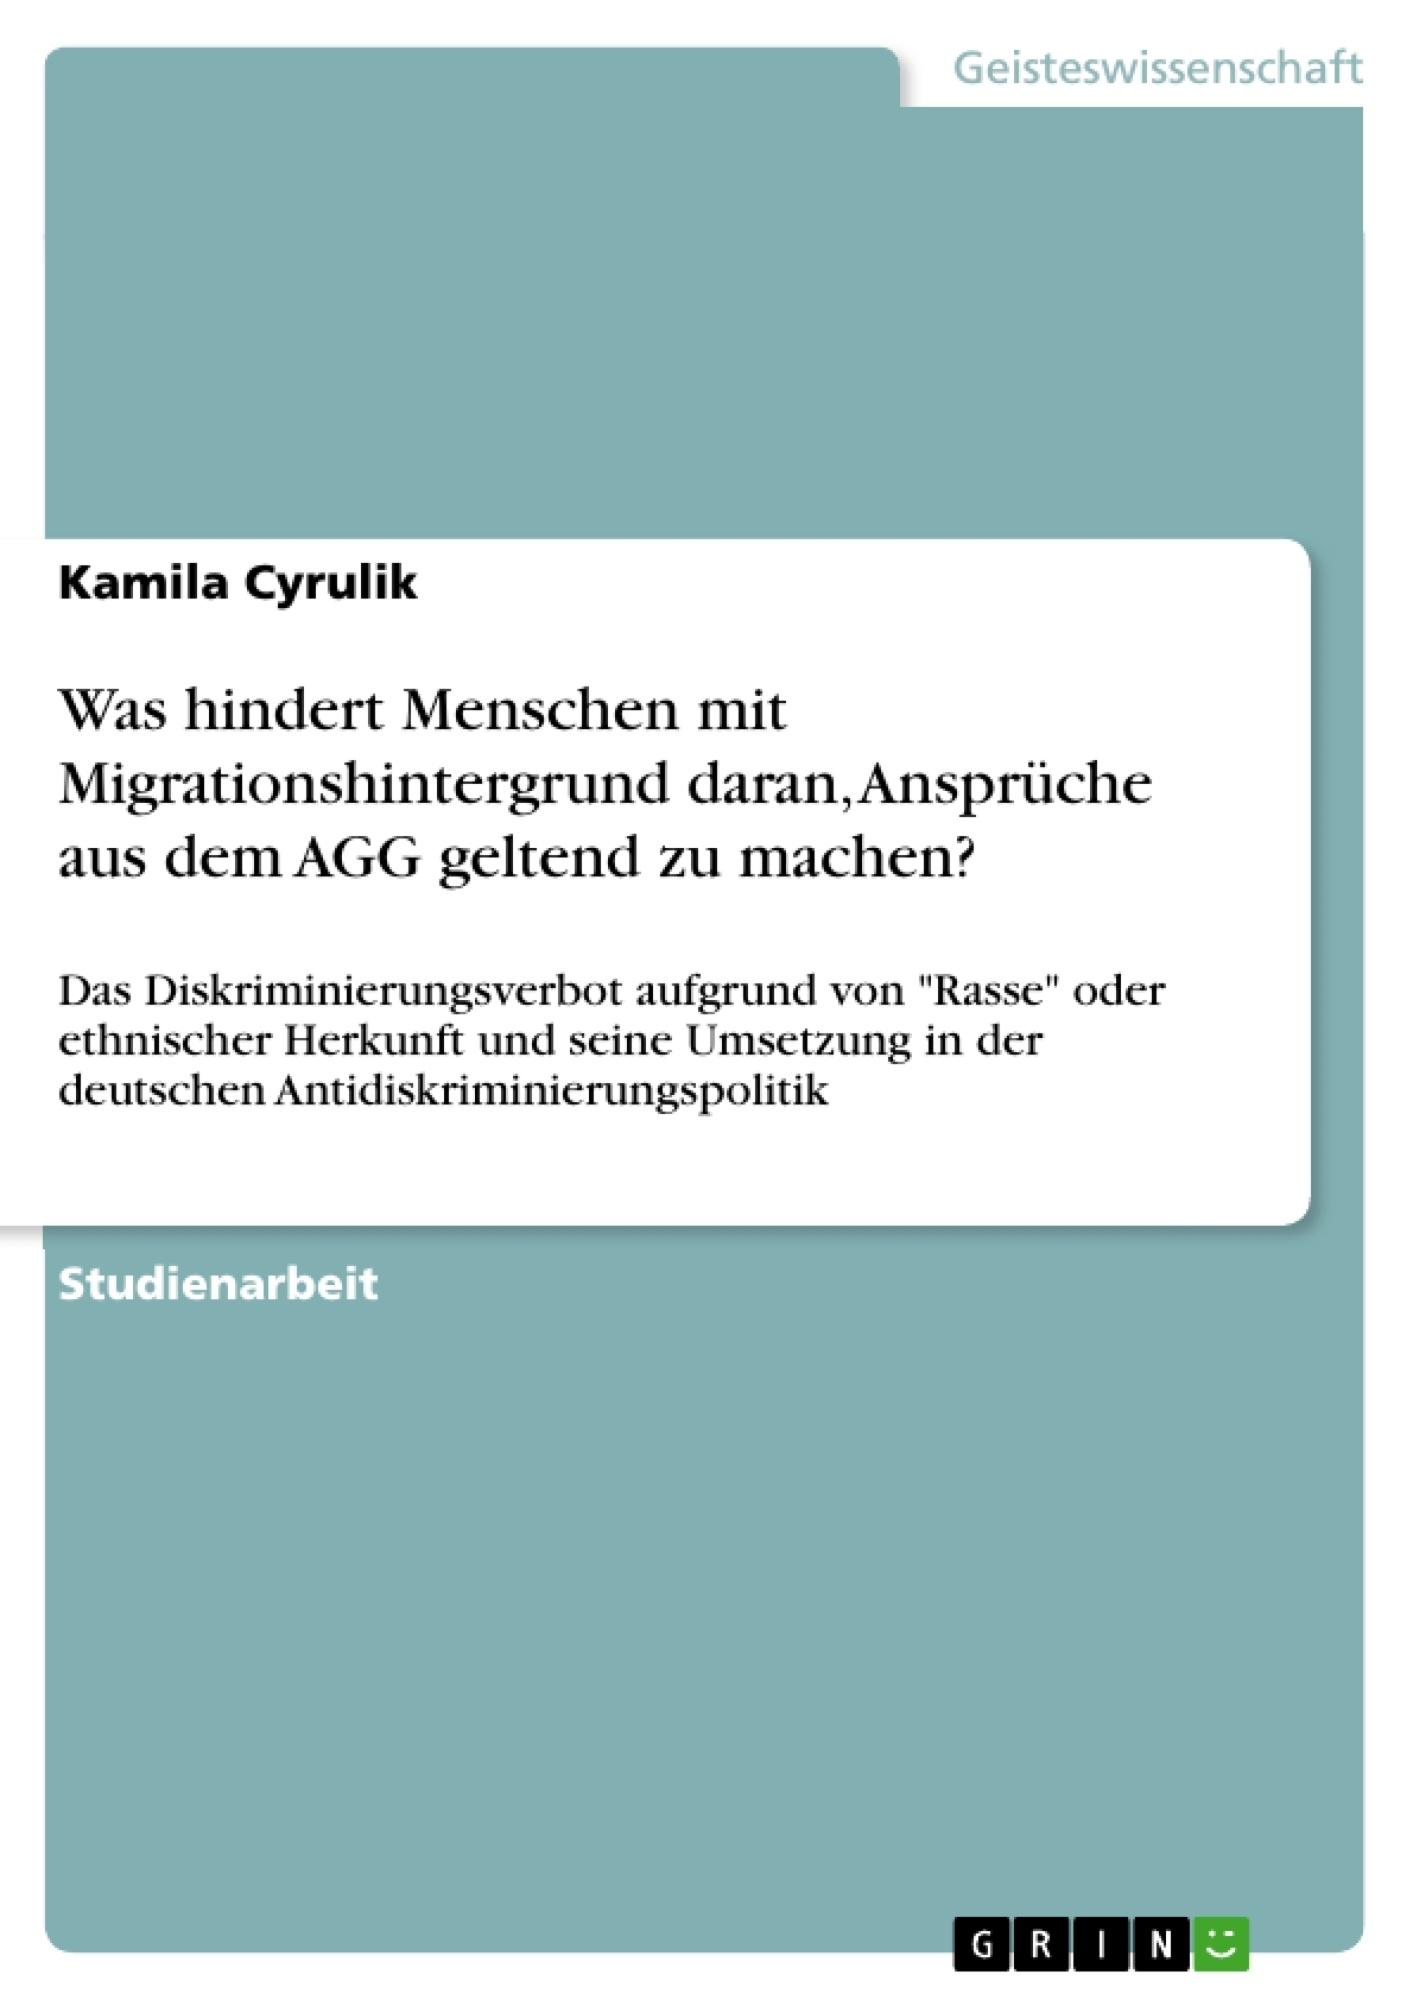 Titel: Was hindert Menschen mit Migrationshintergrund daran, Ansprüche aus dem AGG geltend zu machen?